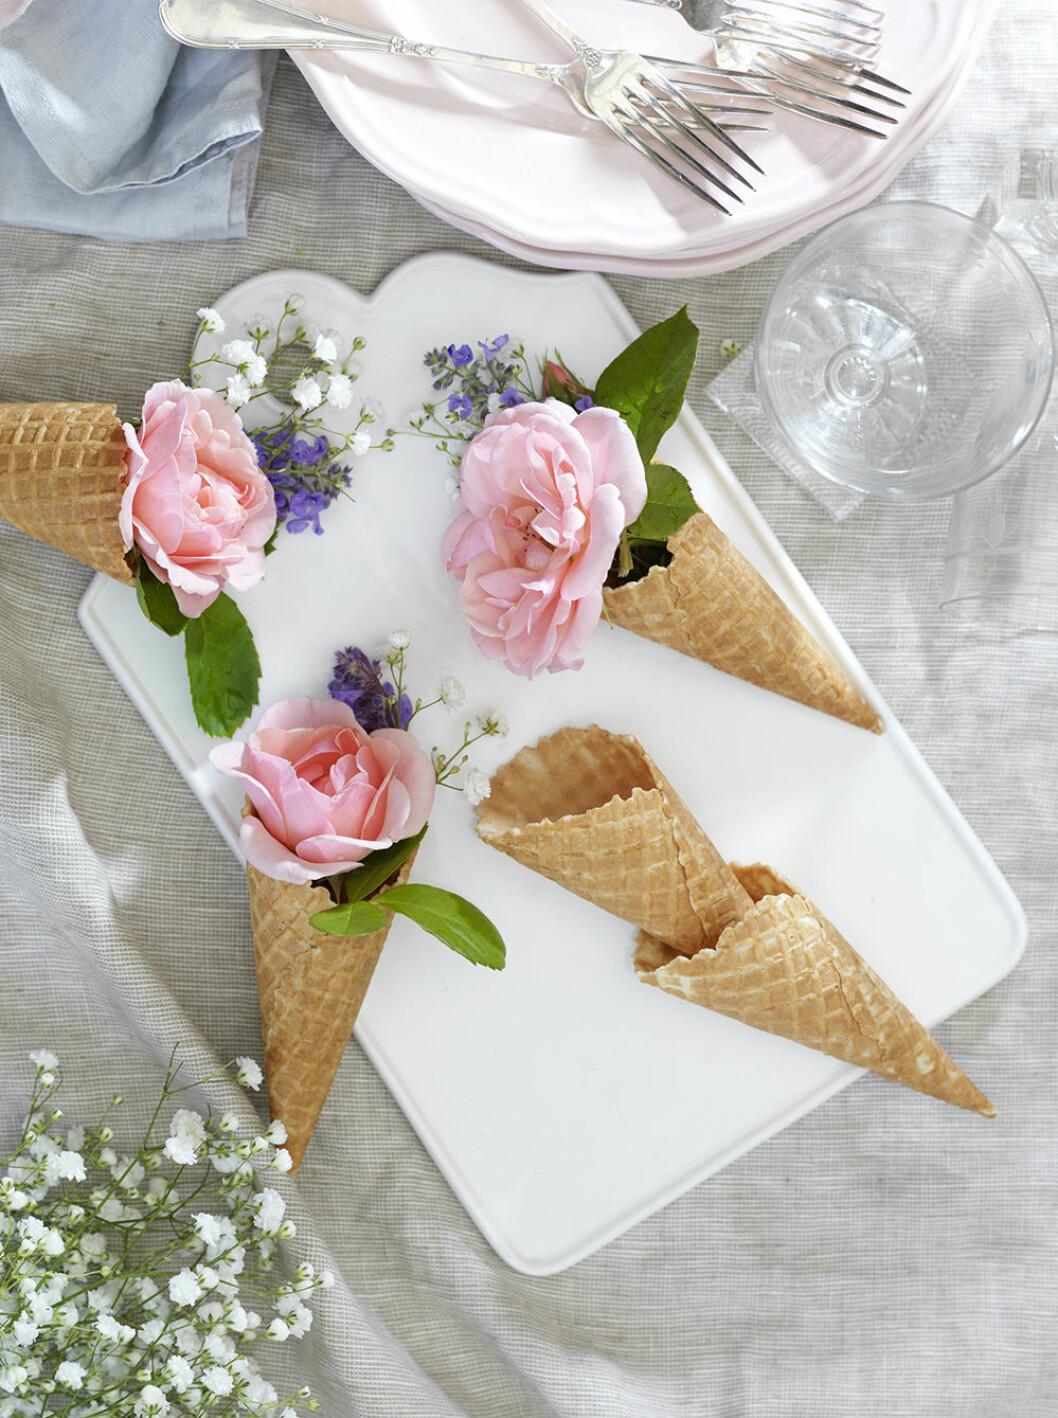 Sommardekoration till fest – glasstrutar med blommor